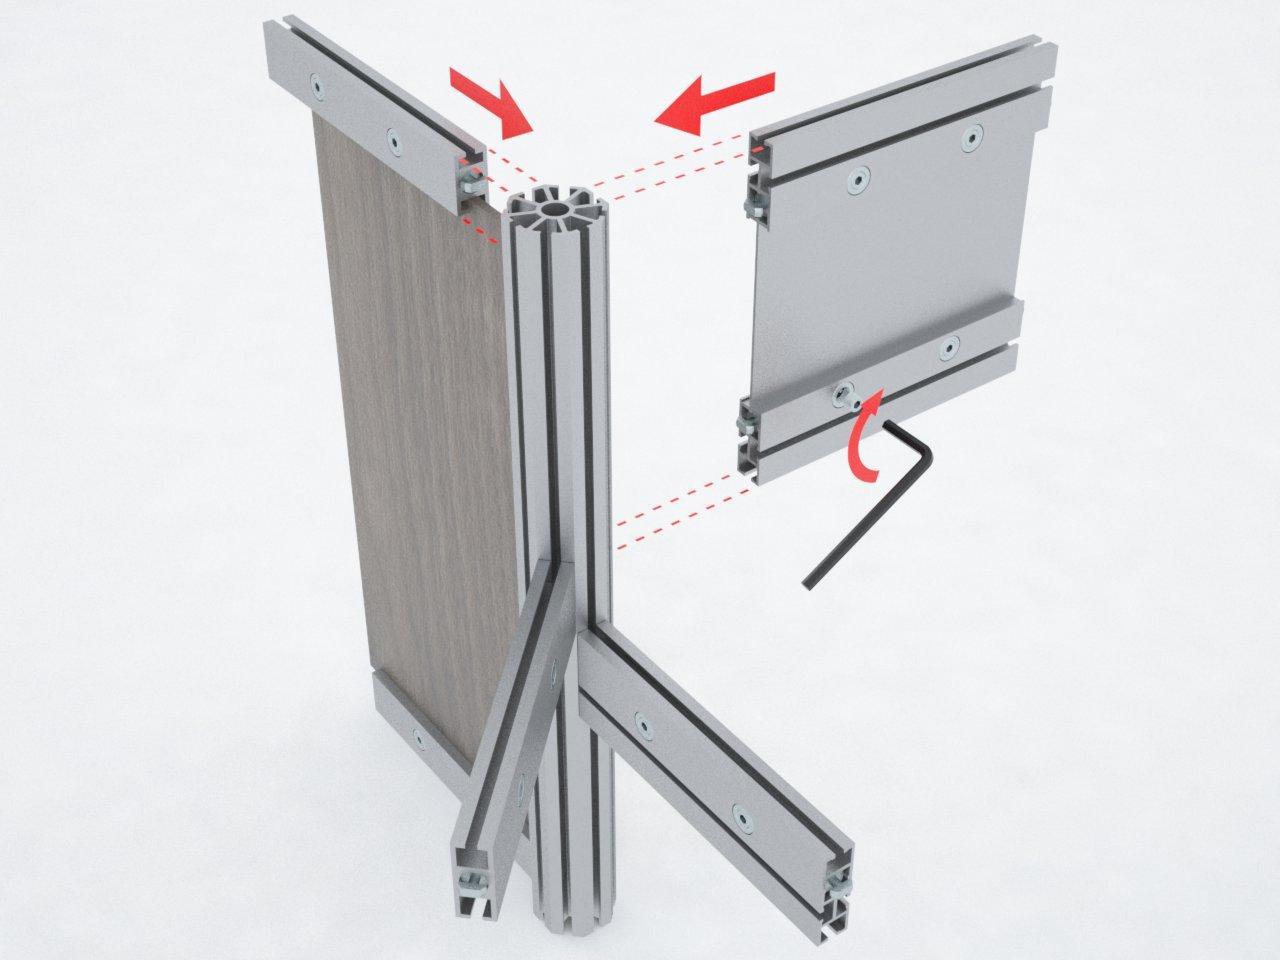 Esquema de montagem no montante de alumínio C180. Ideal para formar estruturas de stands, divisórias, boxes de corrida, etc.